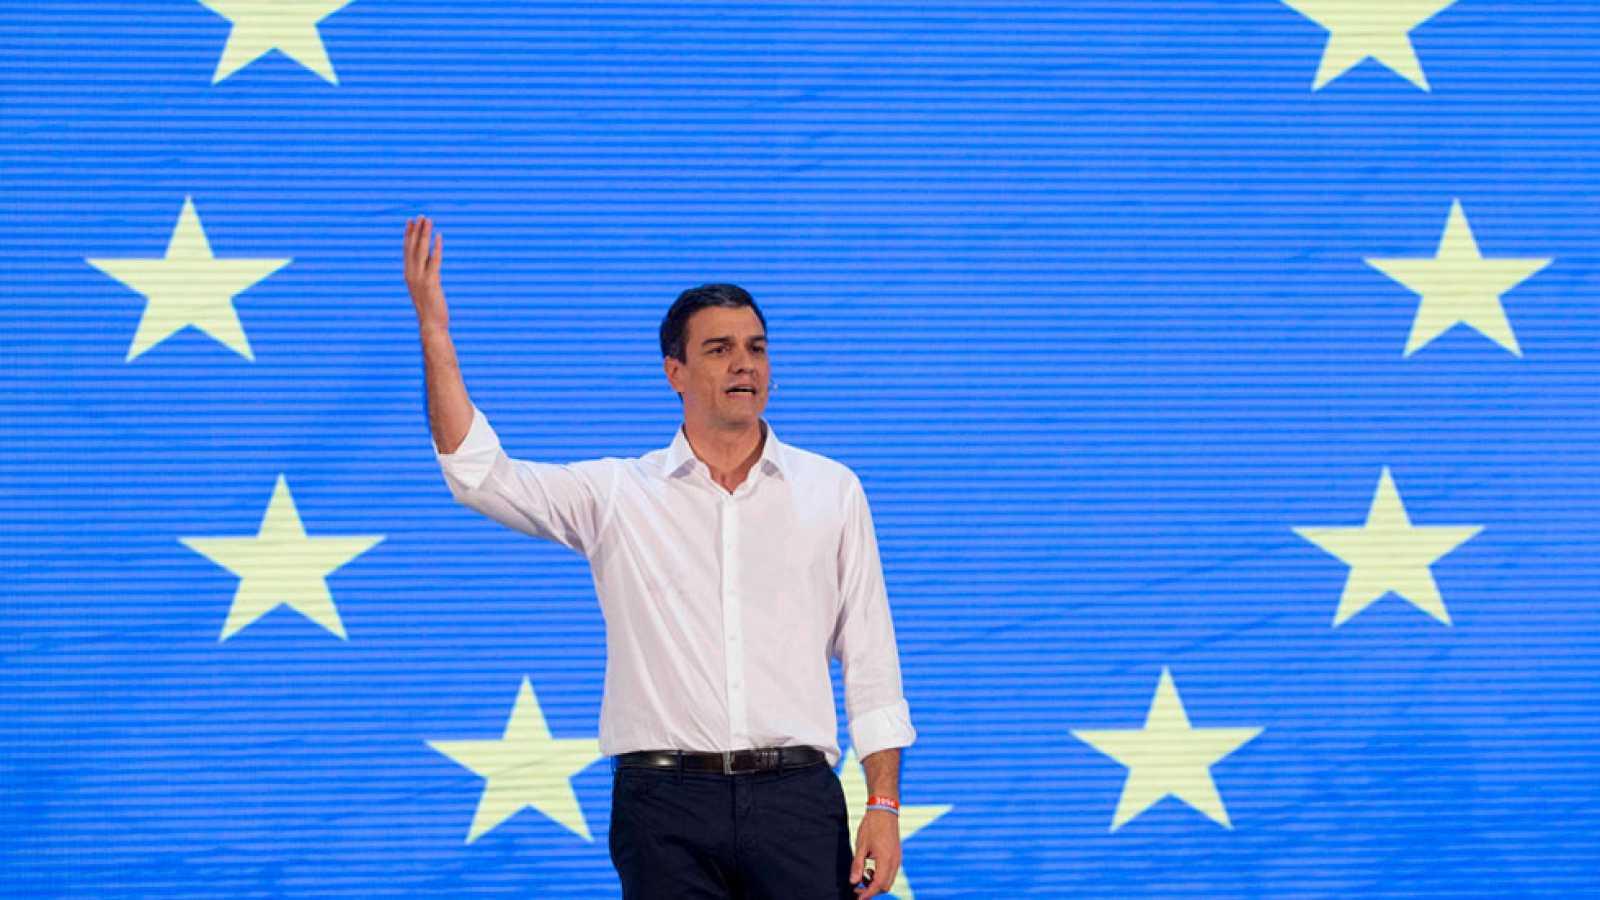 La oposición lamenta que Reino Unido haya decidido abandonar la UE